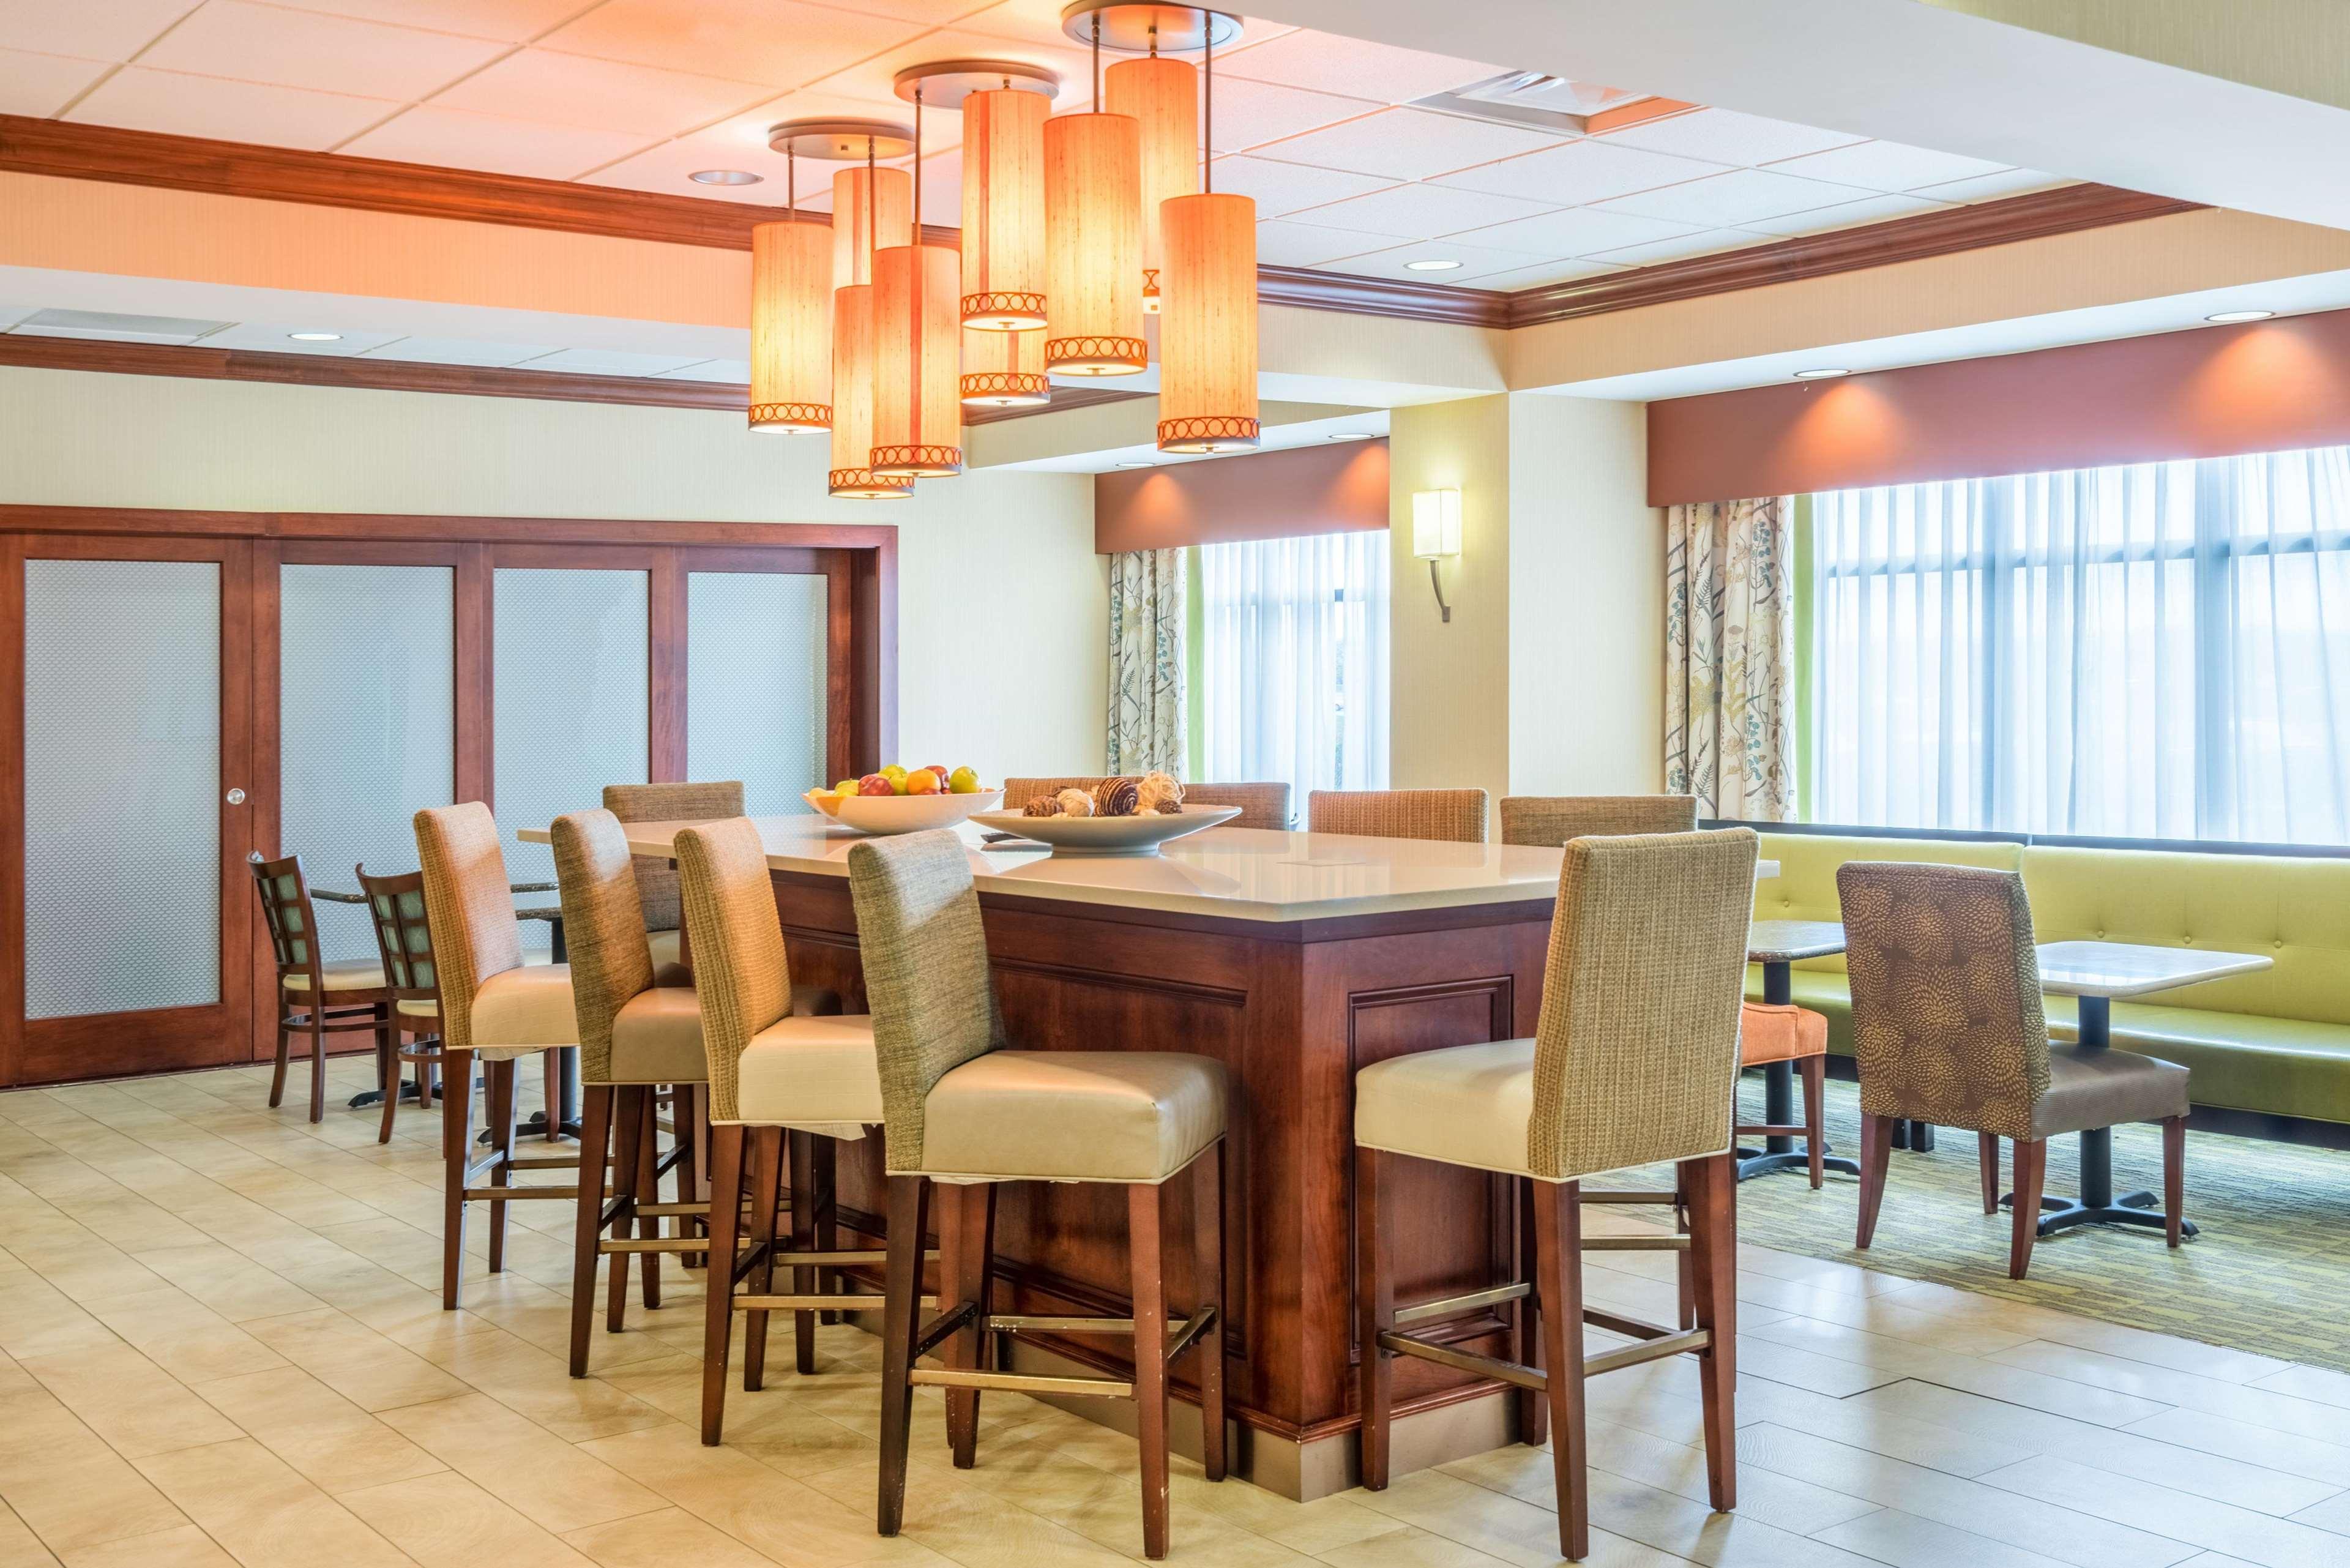 Middletown Delaware Hotels Motels